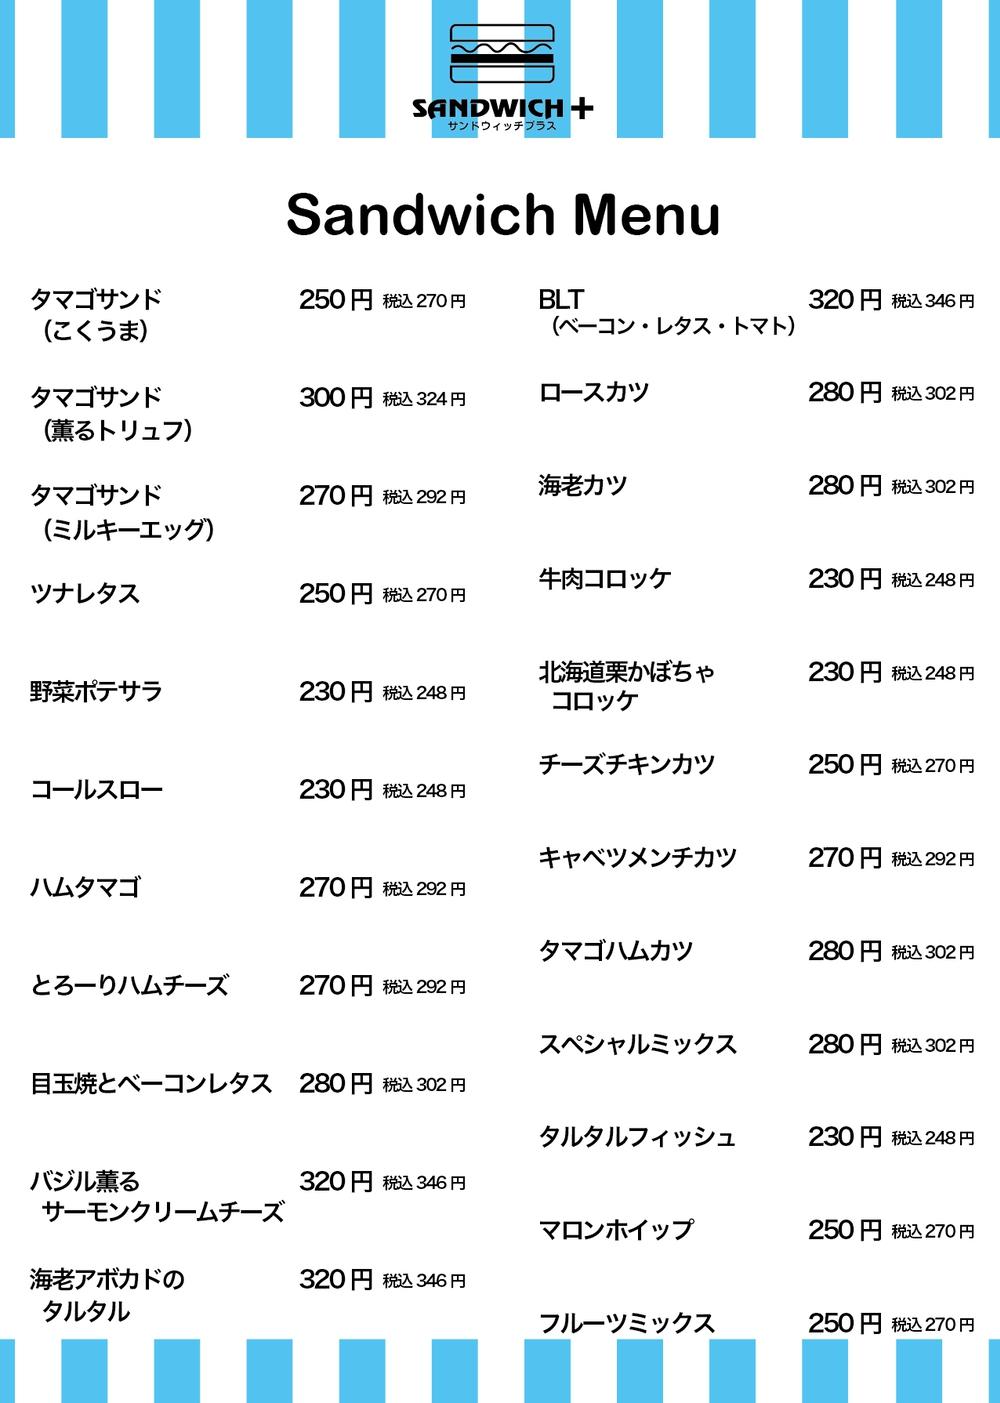 サンドウィッチプラス(SANDWICH+)メニュー表